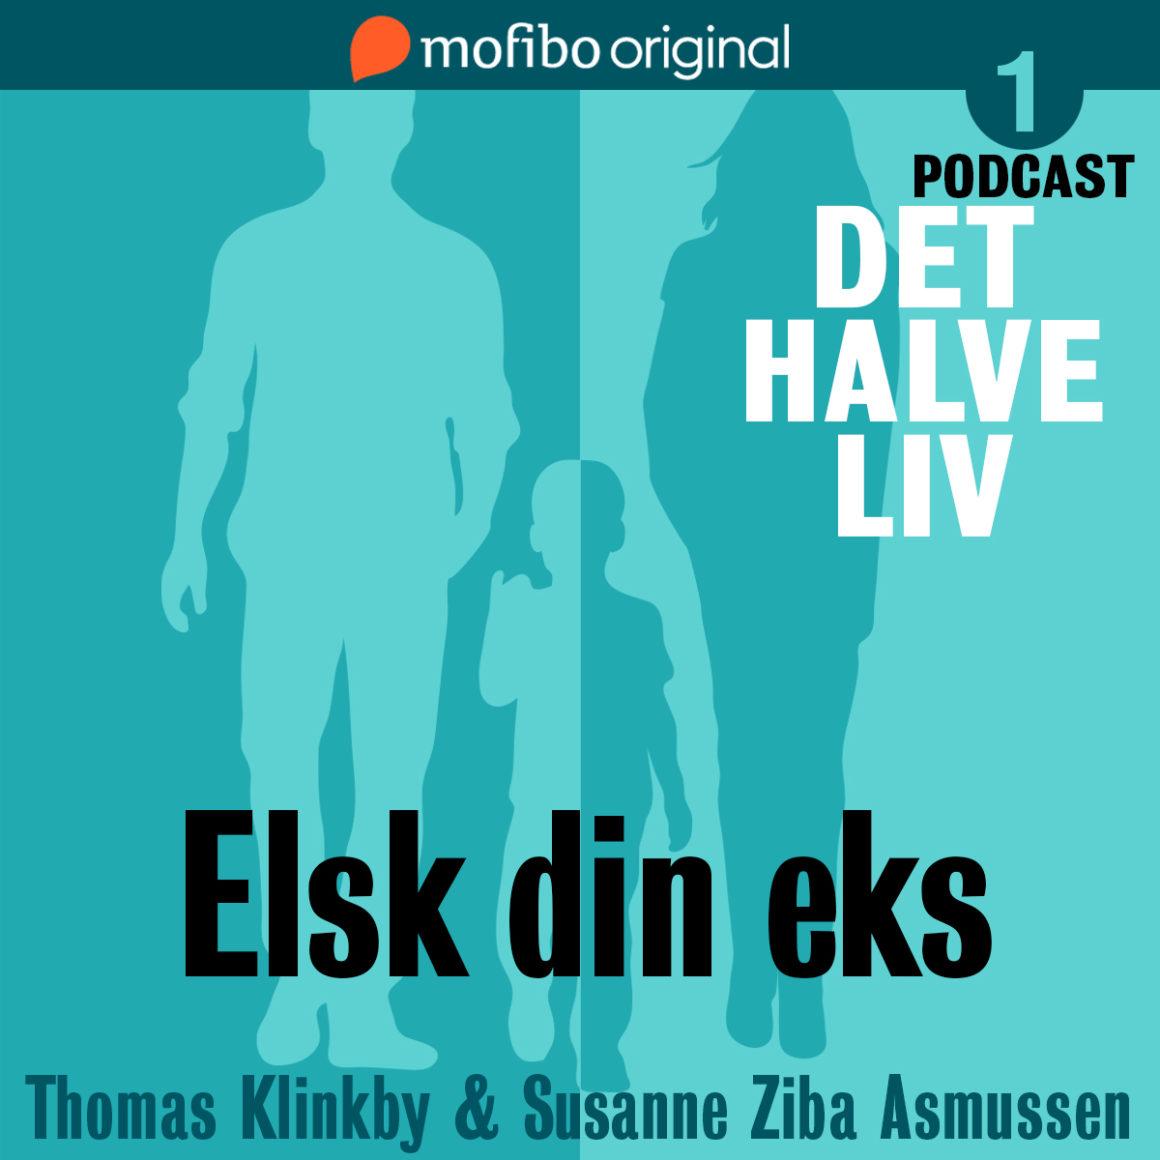 Skilsmisse_Det_halve_liv_episode_1_elsk_din_eks